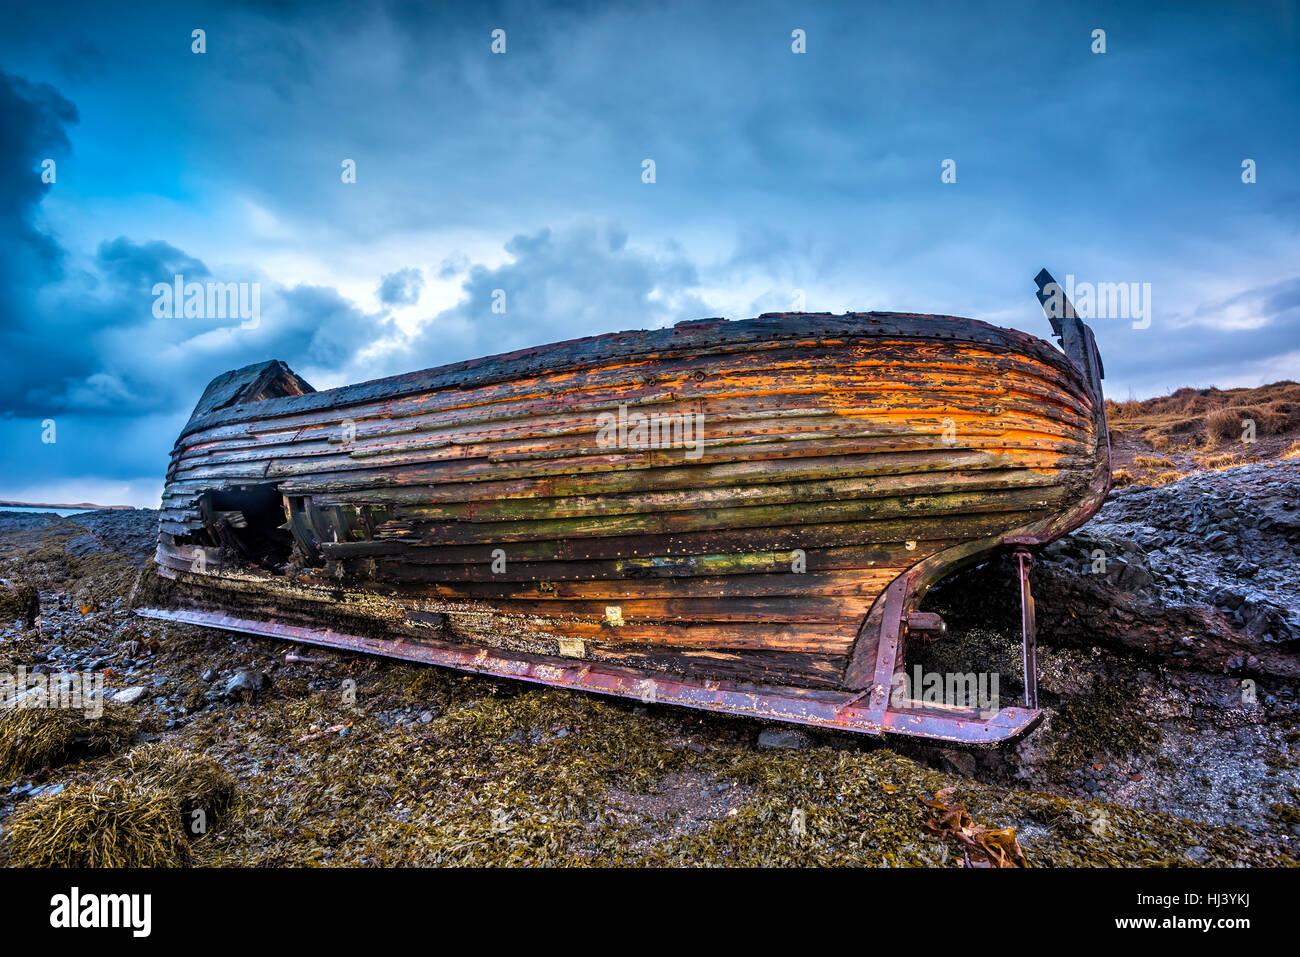 Eine alte verlassene Fischereifahrzeug aus dem frühen 1900 an einem einsamen Strand, wie es verrottet, Freilegung Stockbild